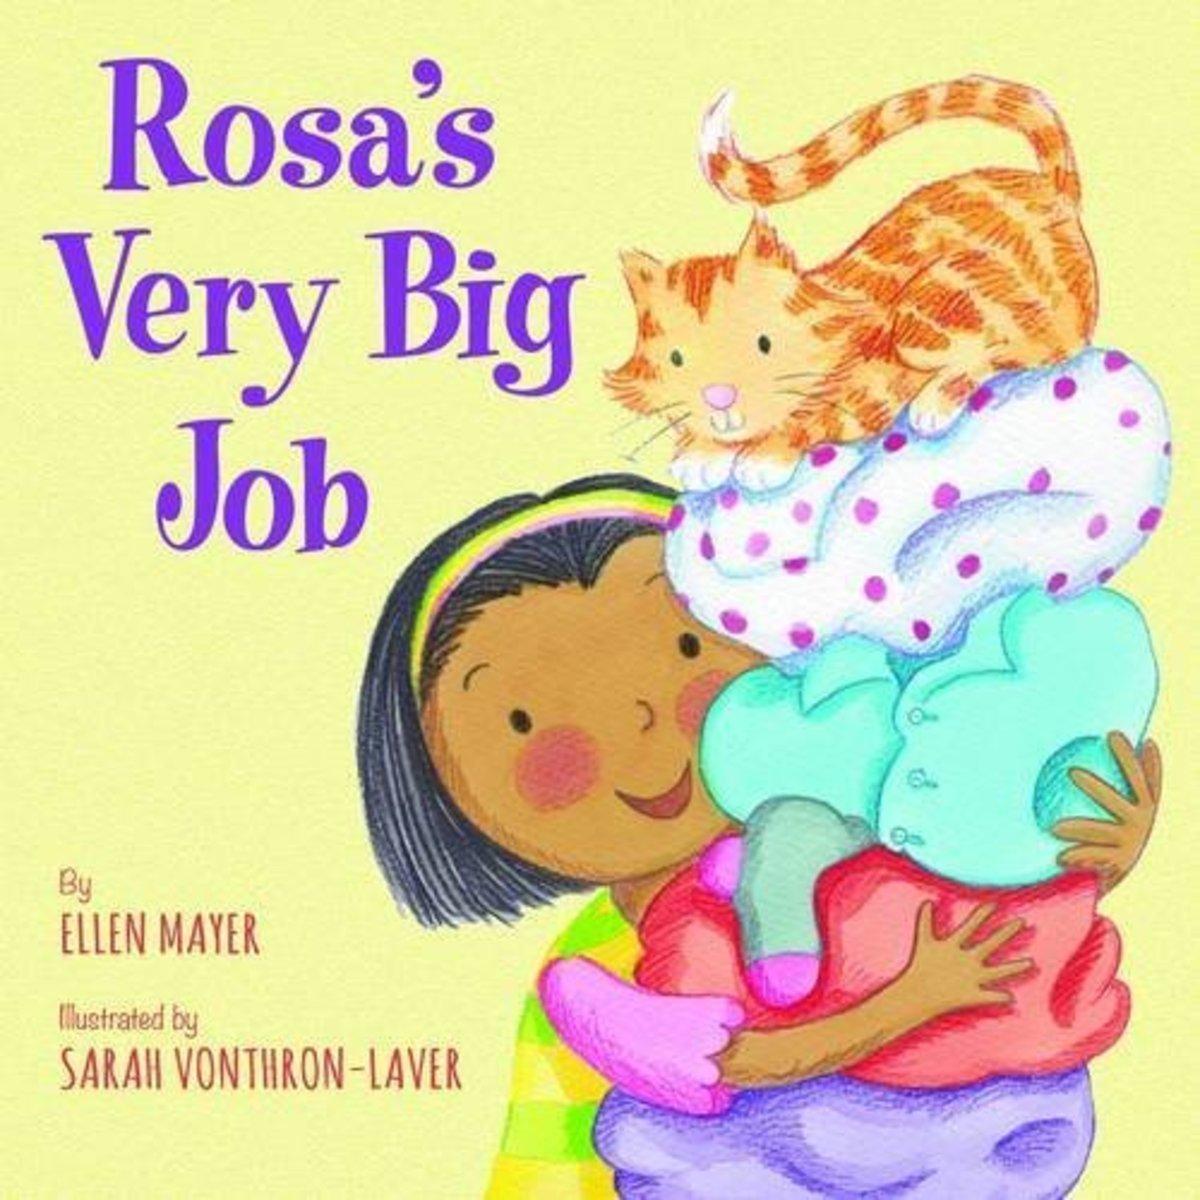 Rosa's Very Big Job by Ellen Mayer